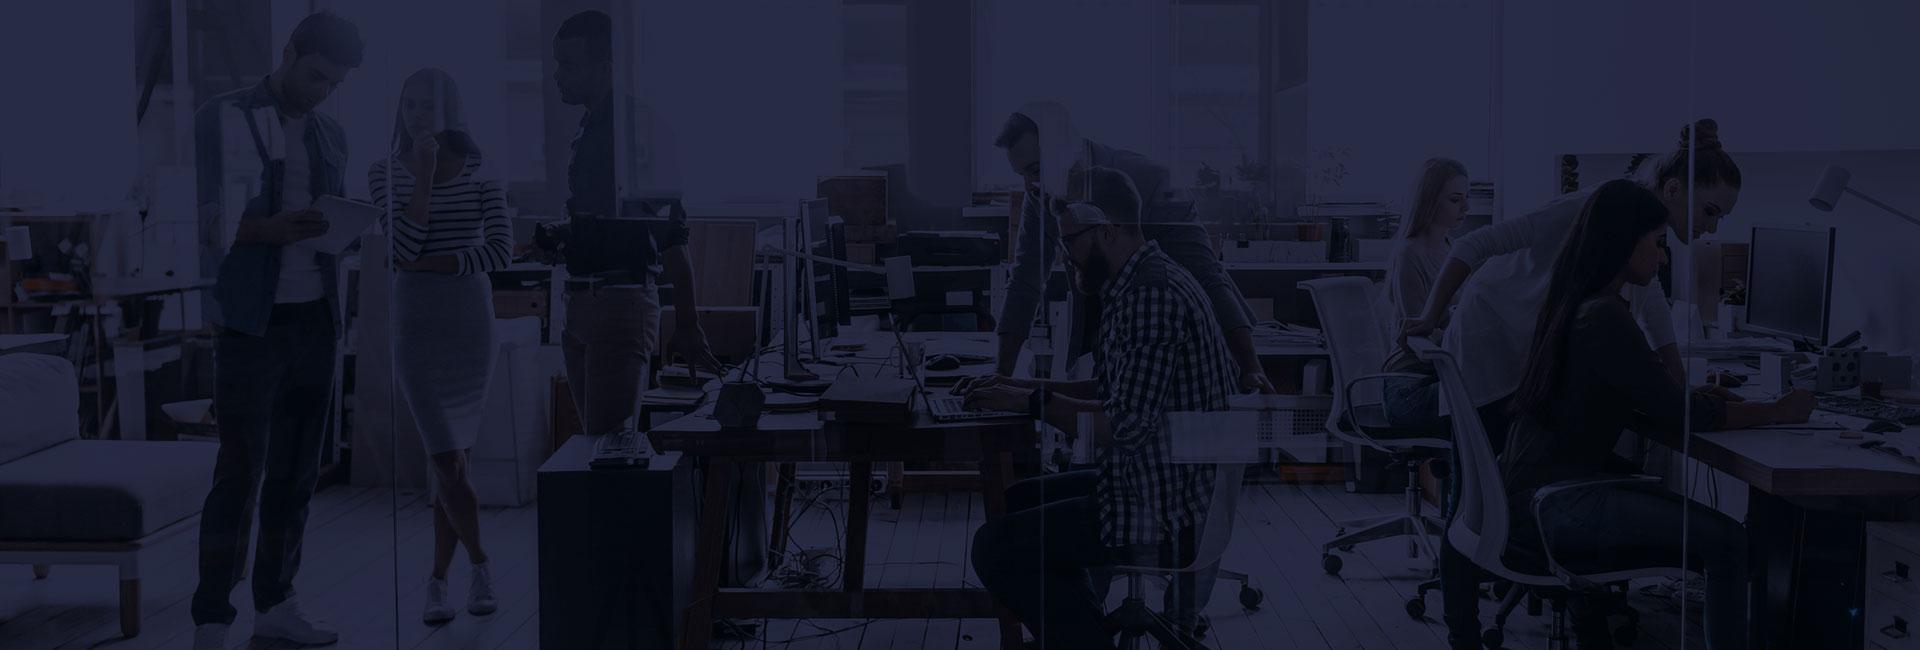 Pracownicy współpracują w biurze